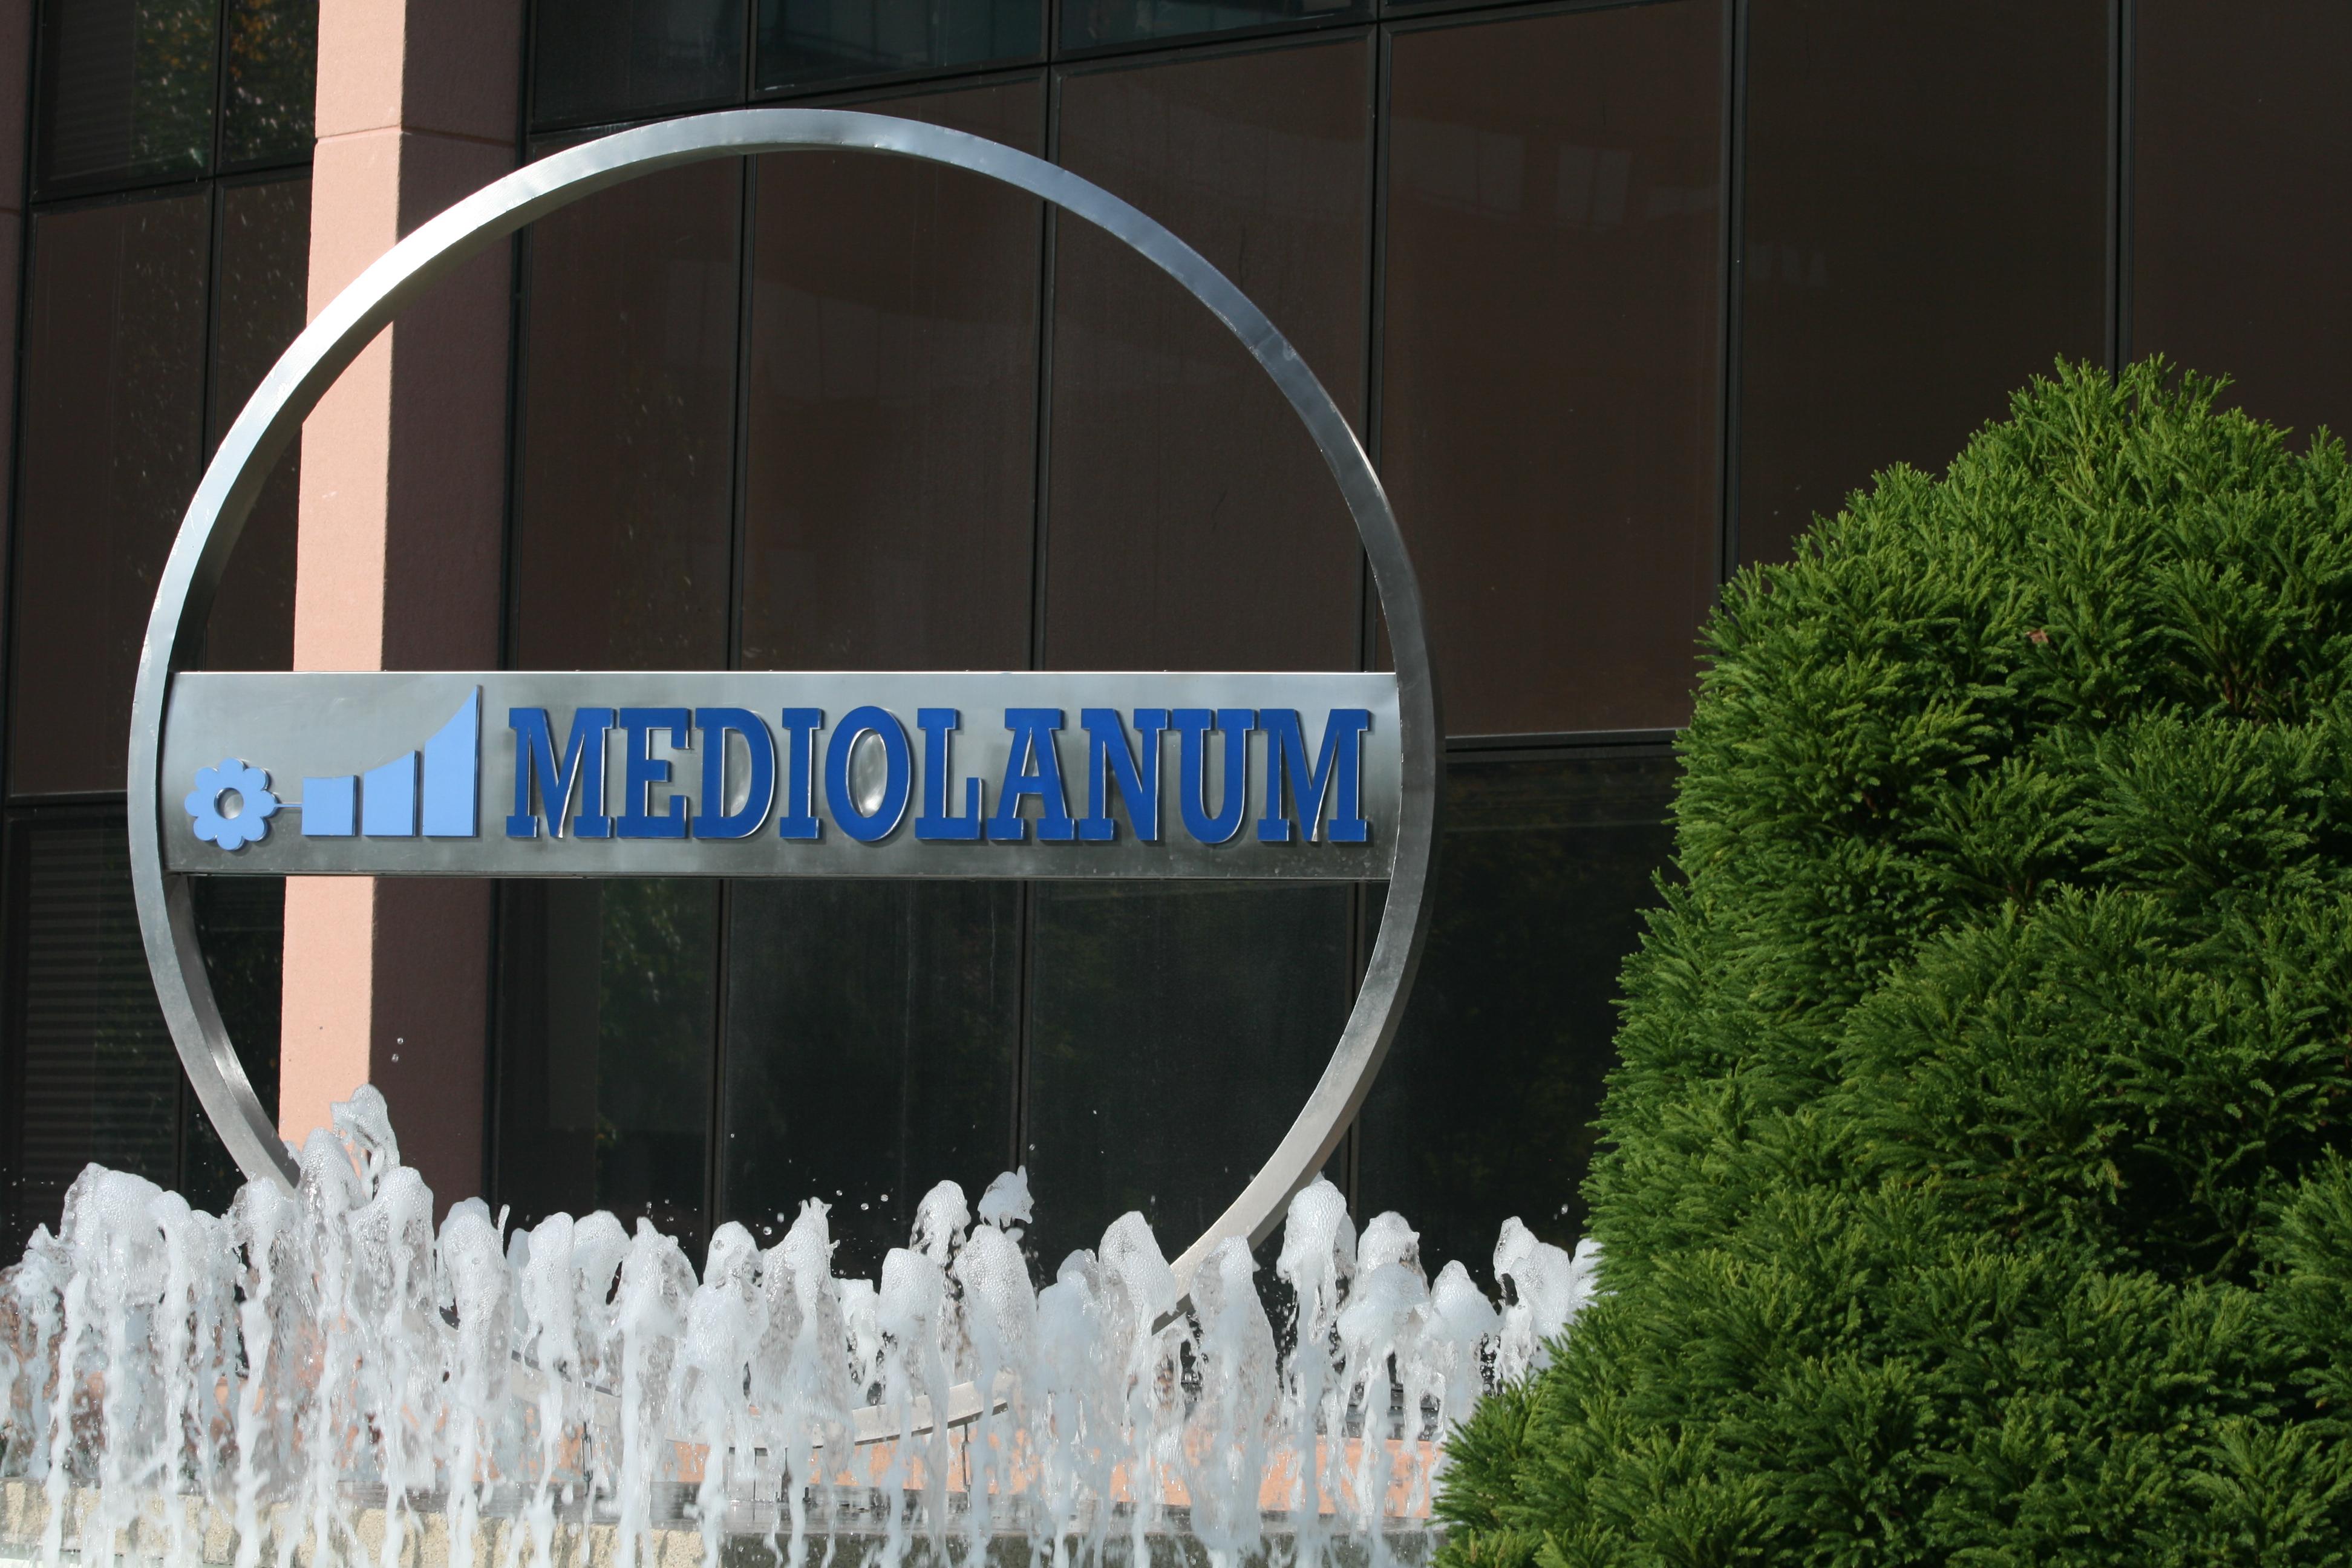 Banco Di Napoli Lavoro Con Noi : Banca mediolanum lavora con noi posizioni aperte invia cv